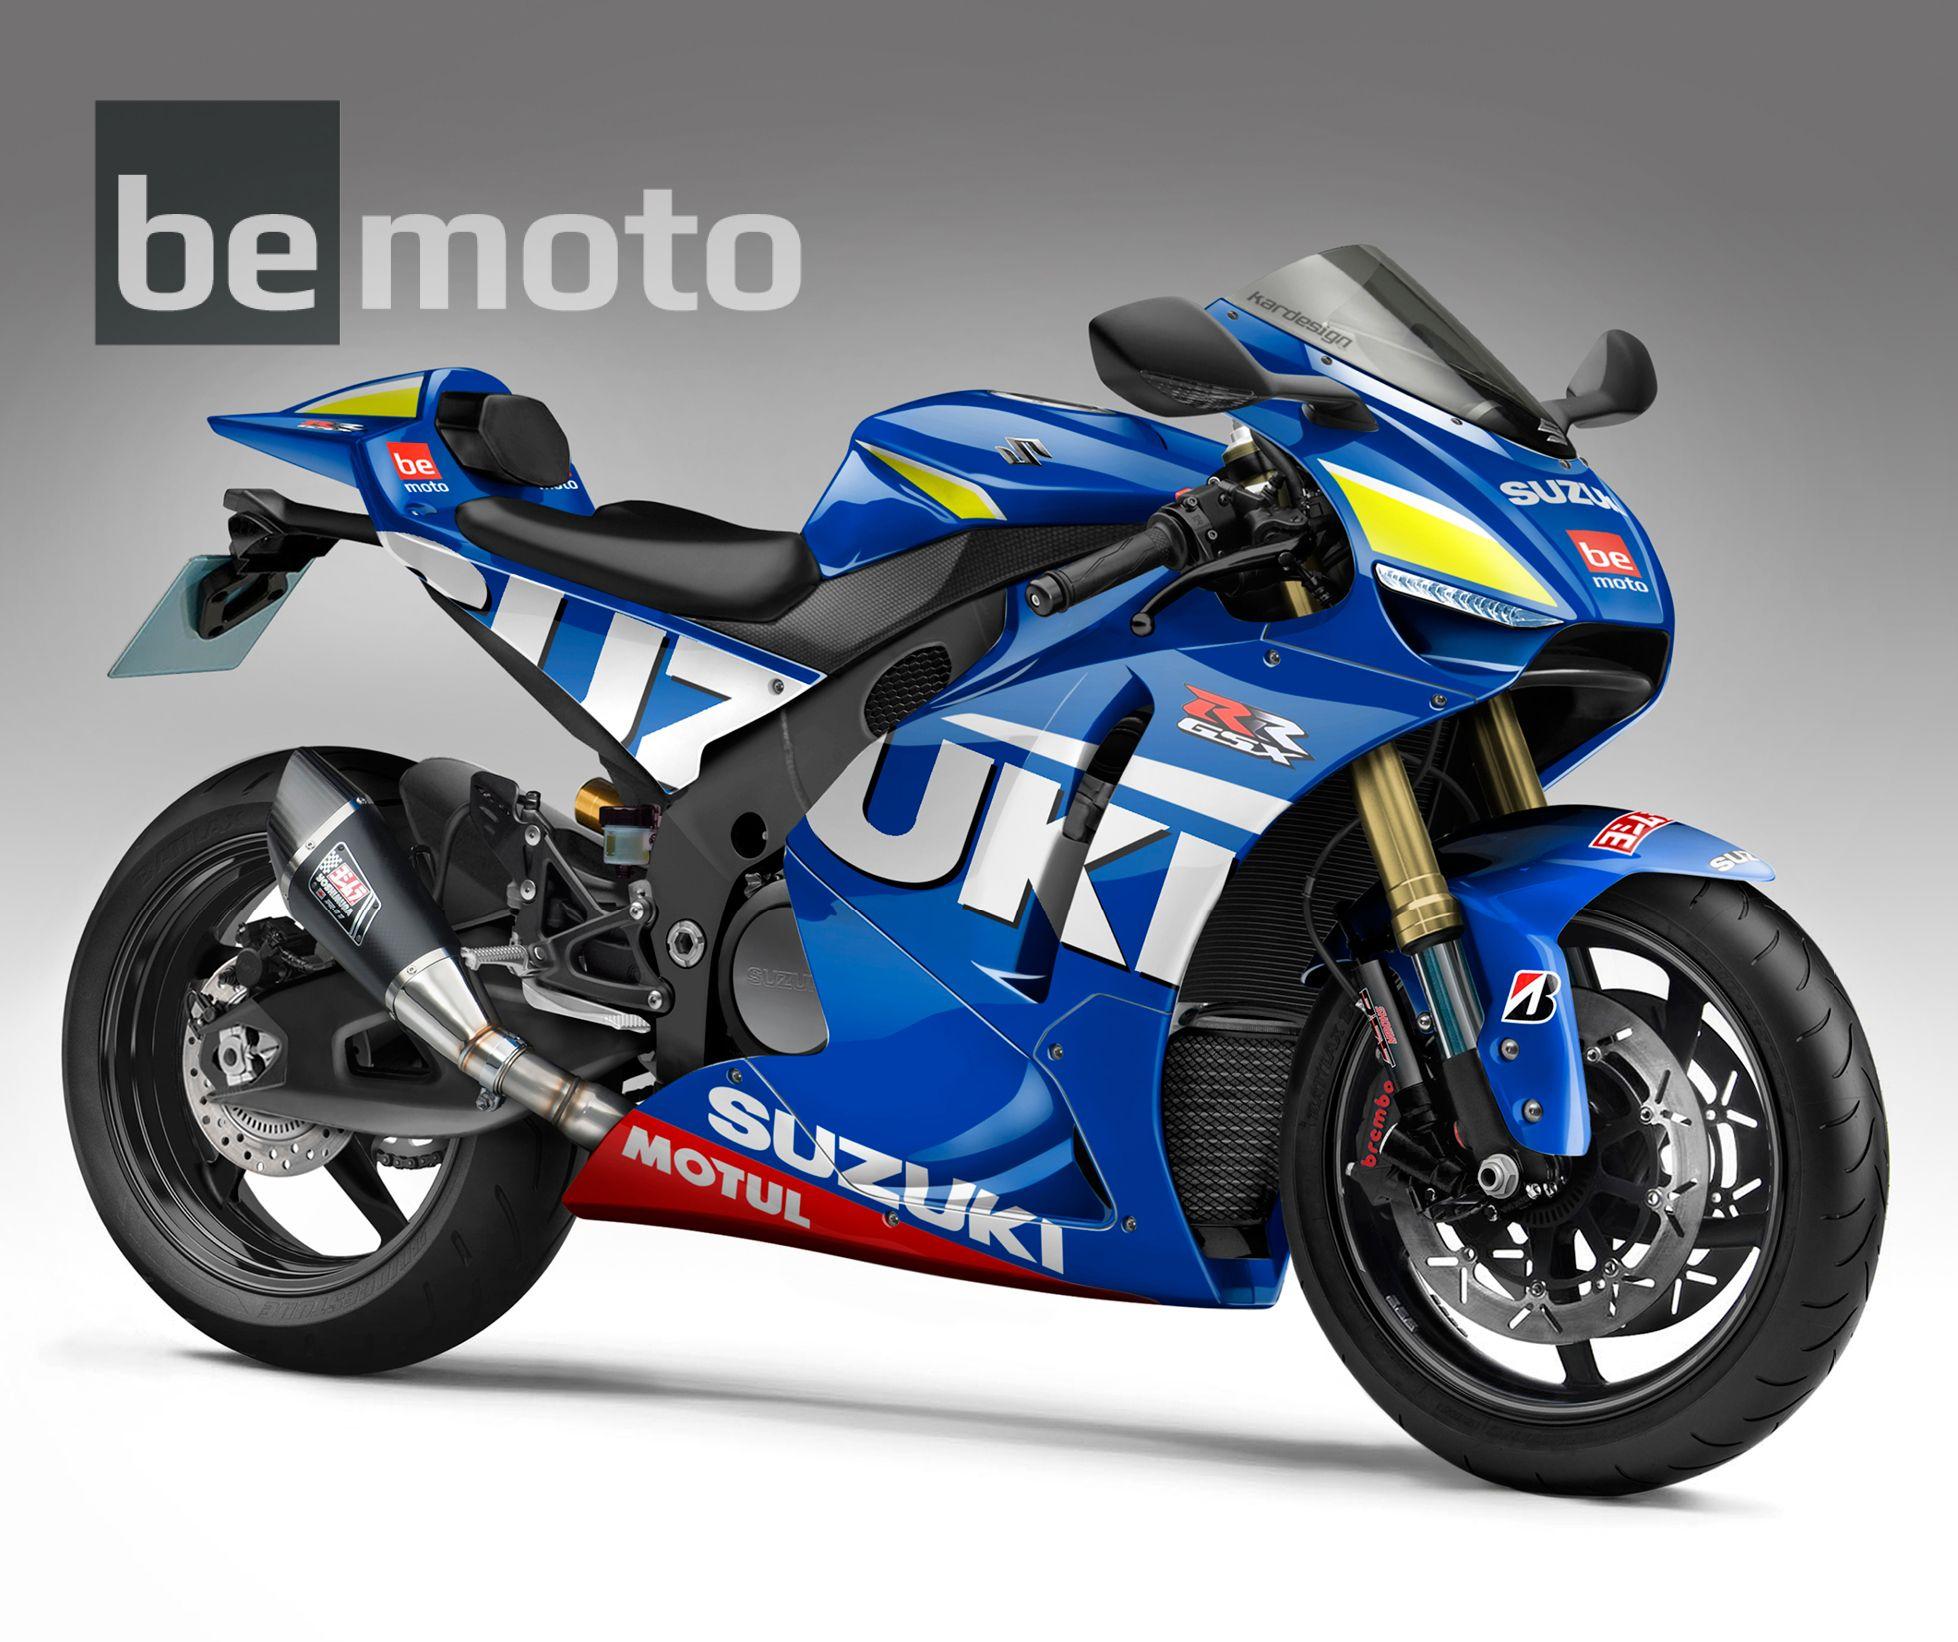 Suzuki Gsxr1000 Motogp Concept